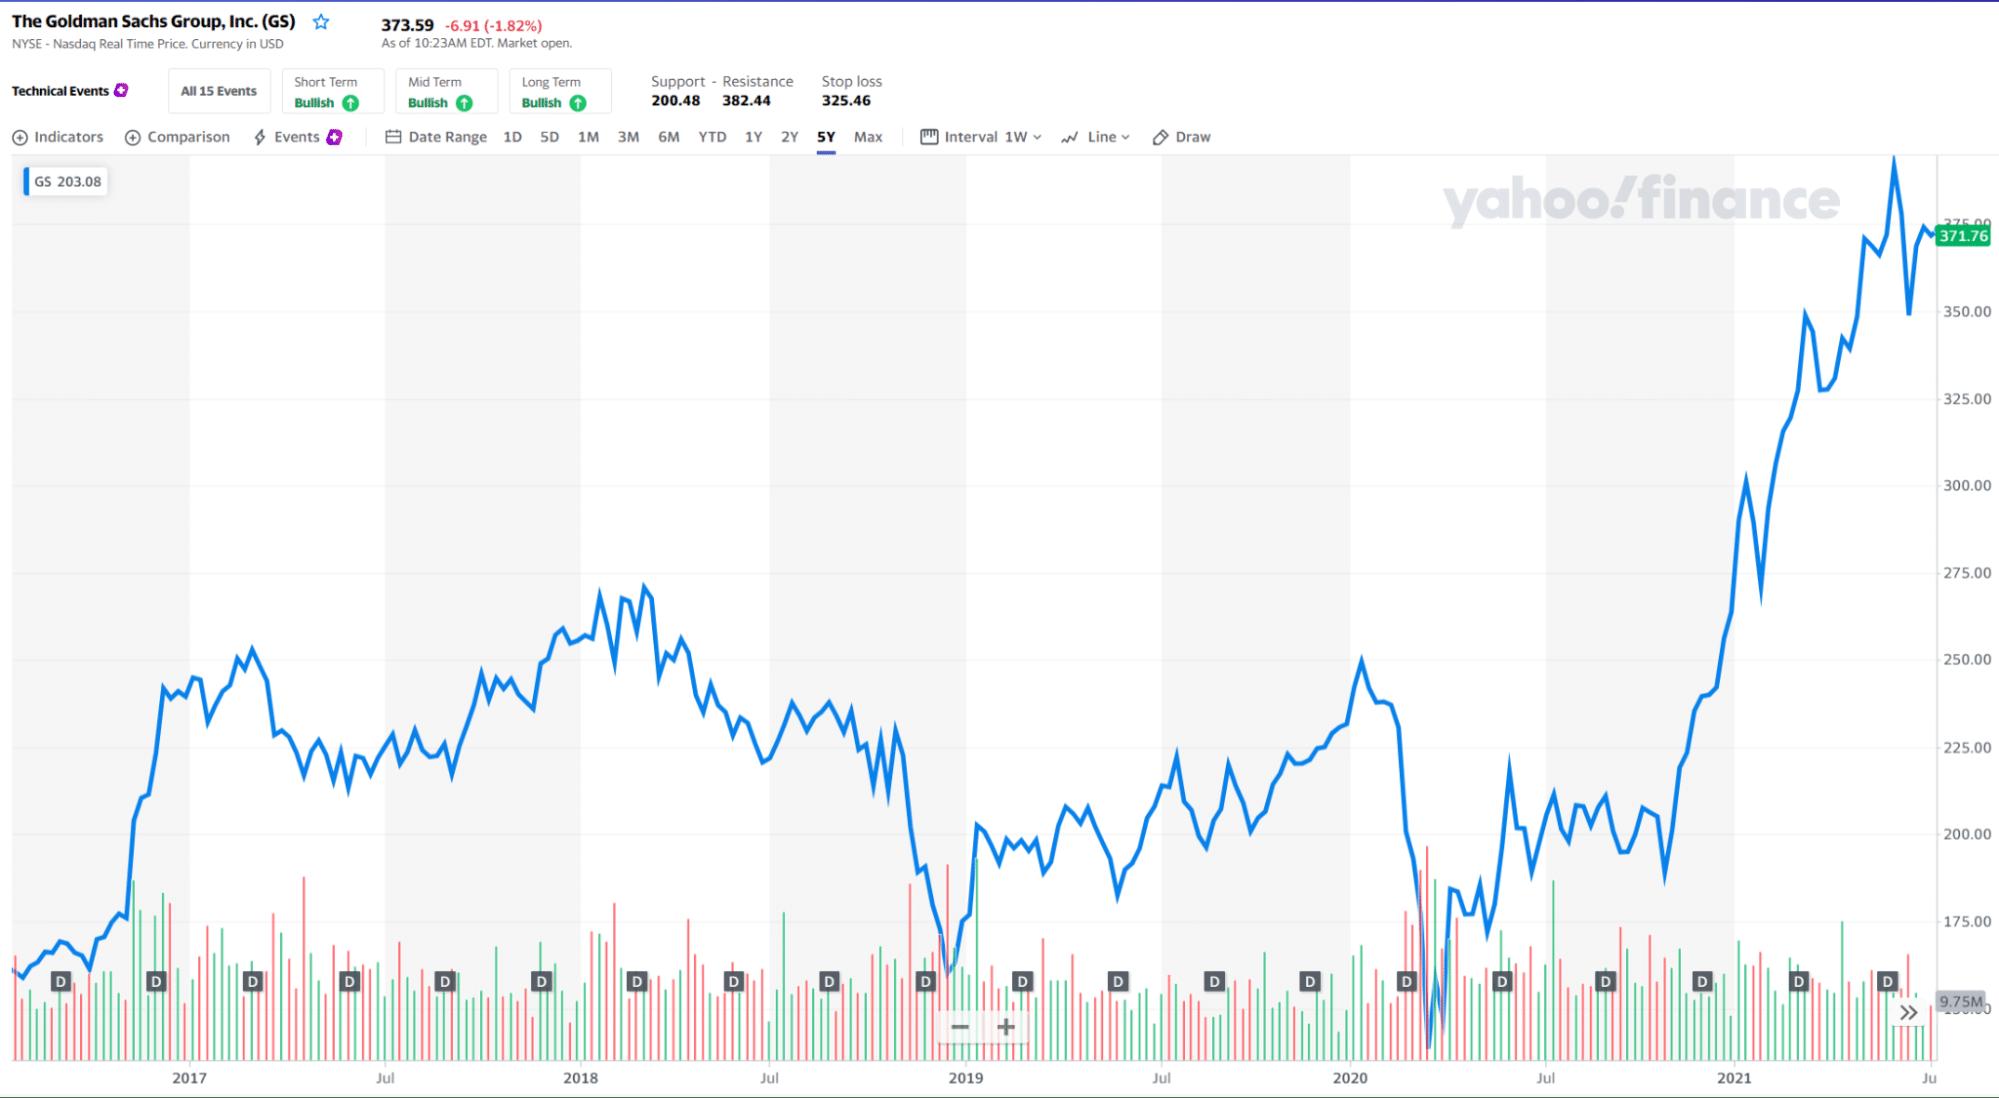 The Goldman Sachs Group, Inc